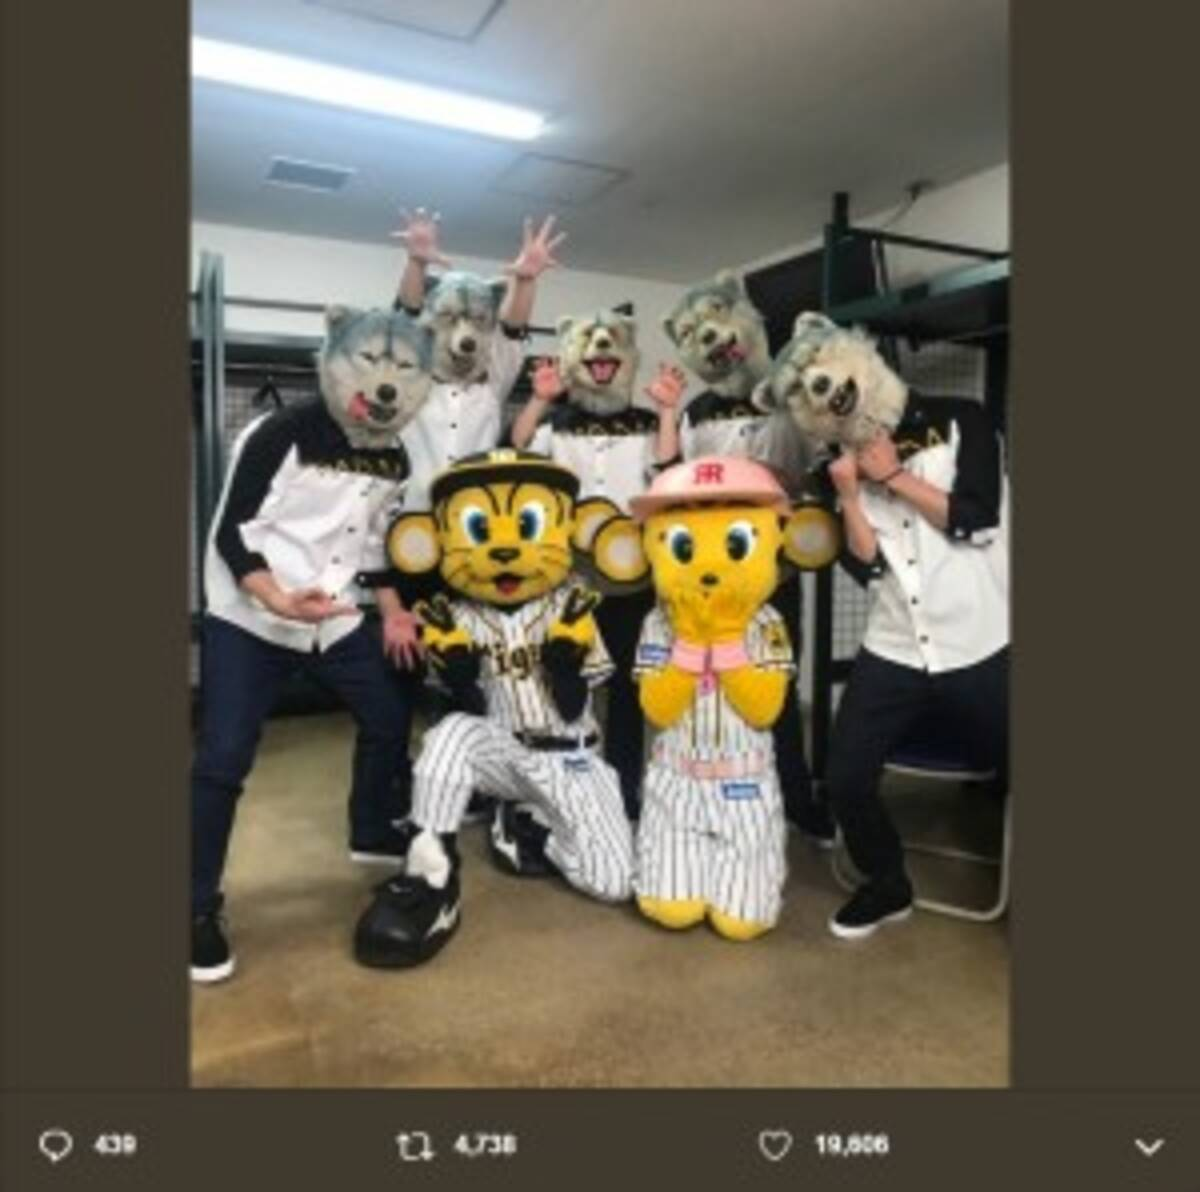 マンウィズ トラッキーとラッキー 狼と虎 の記念写真に反響 夢の共演